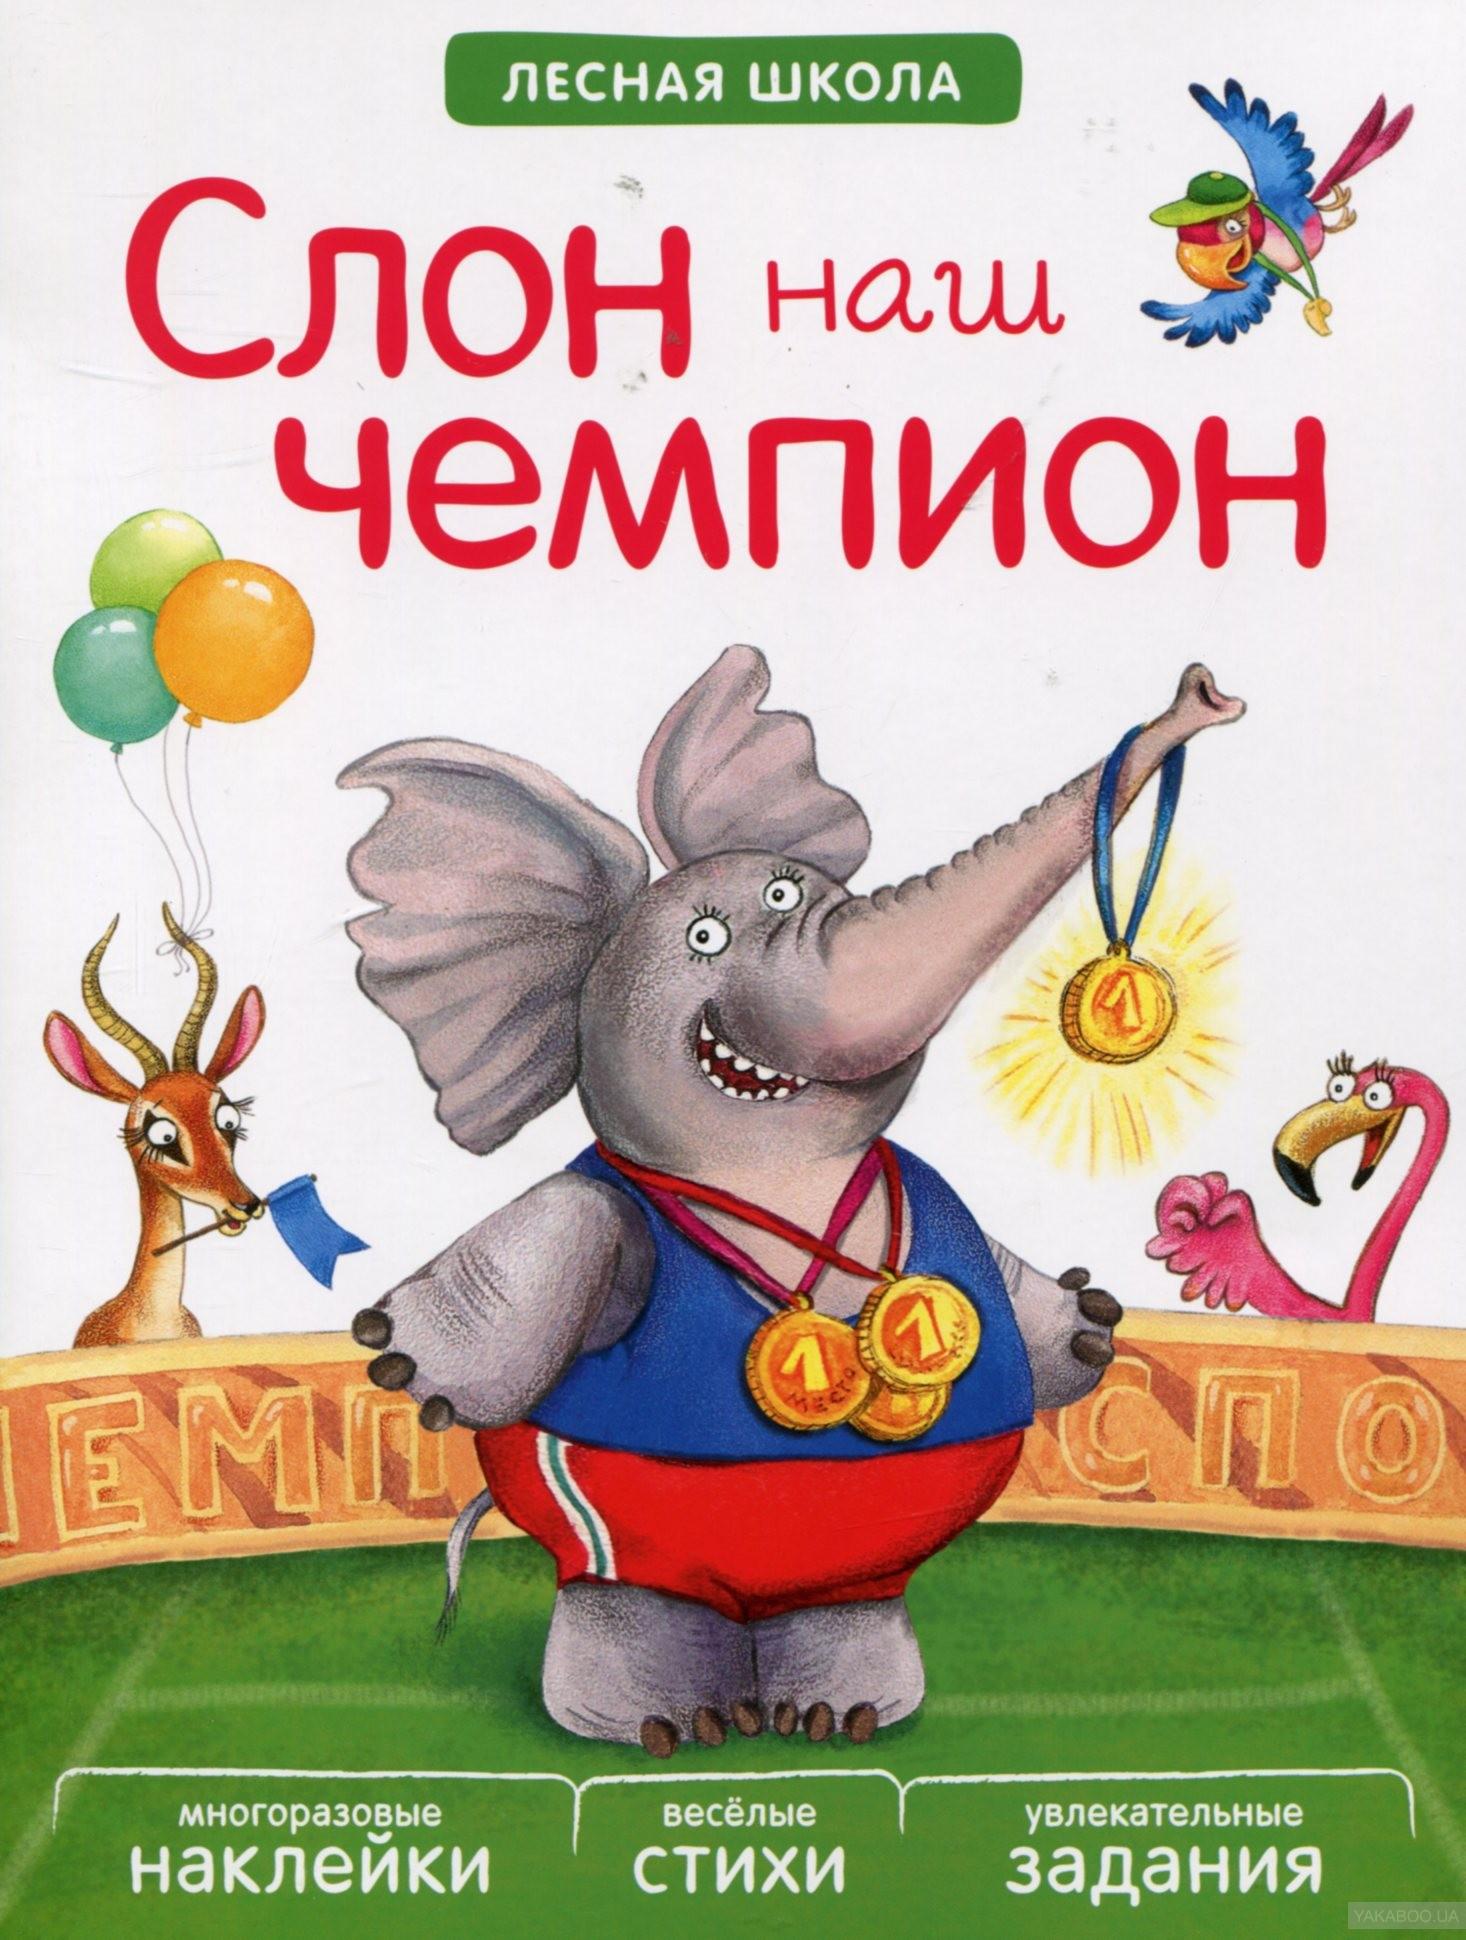 Книга с многоразовыми наклейками - Лесная школа. Слон наш чемпионРазвивающие наклейки<br>Книга с многоразовыми наклейками - Лесная школа. Слон наш чемпион<br>